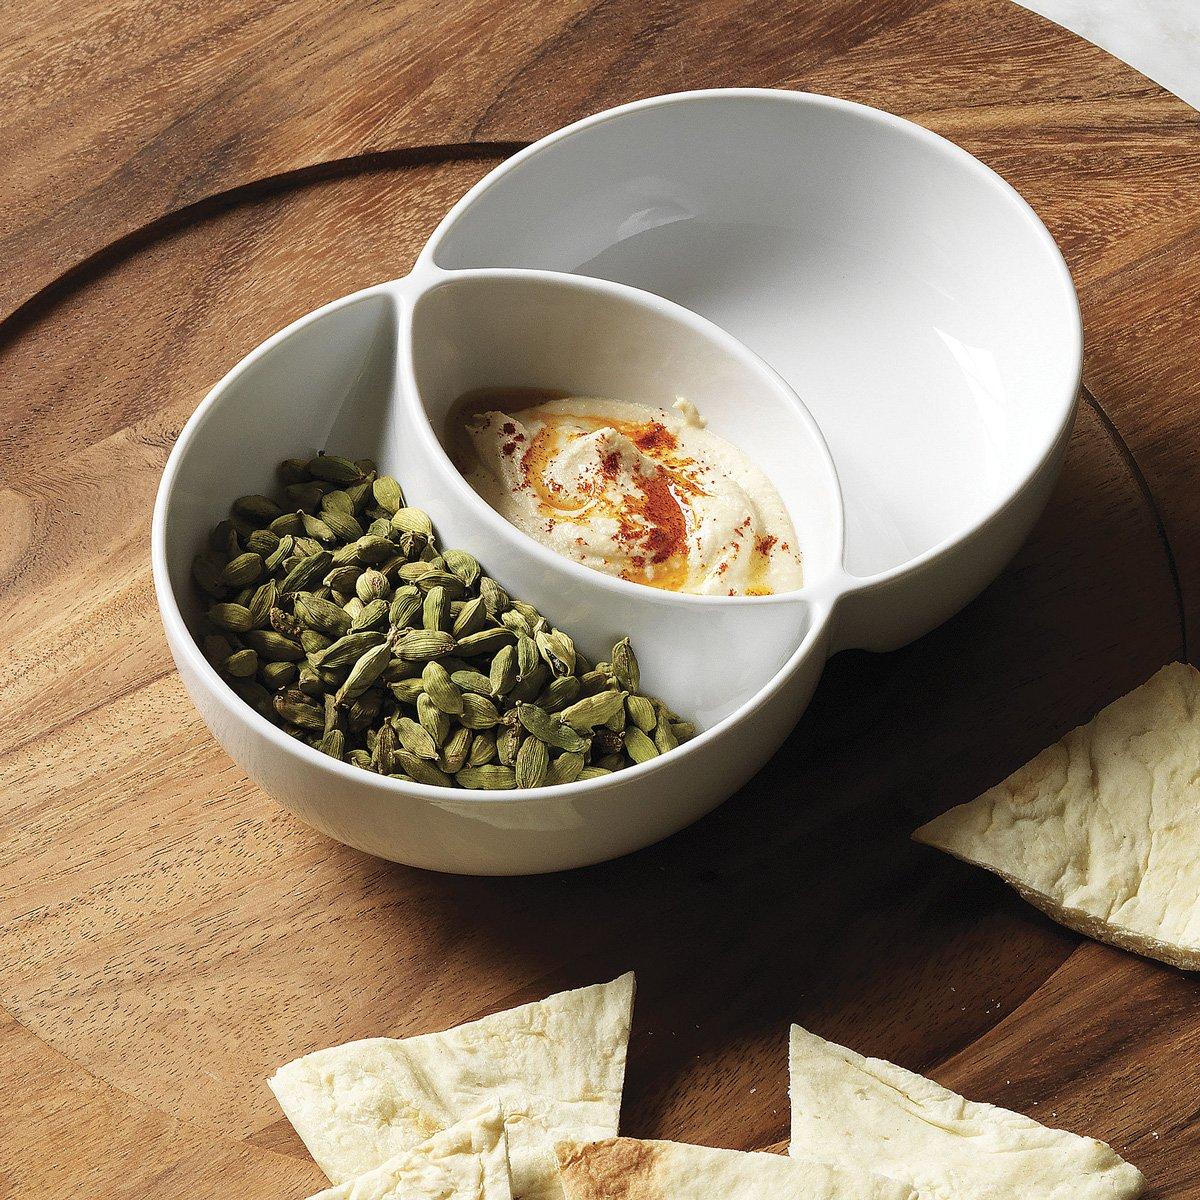 Venn Diagram Chip and Dip Bowl - The Green Head